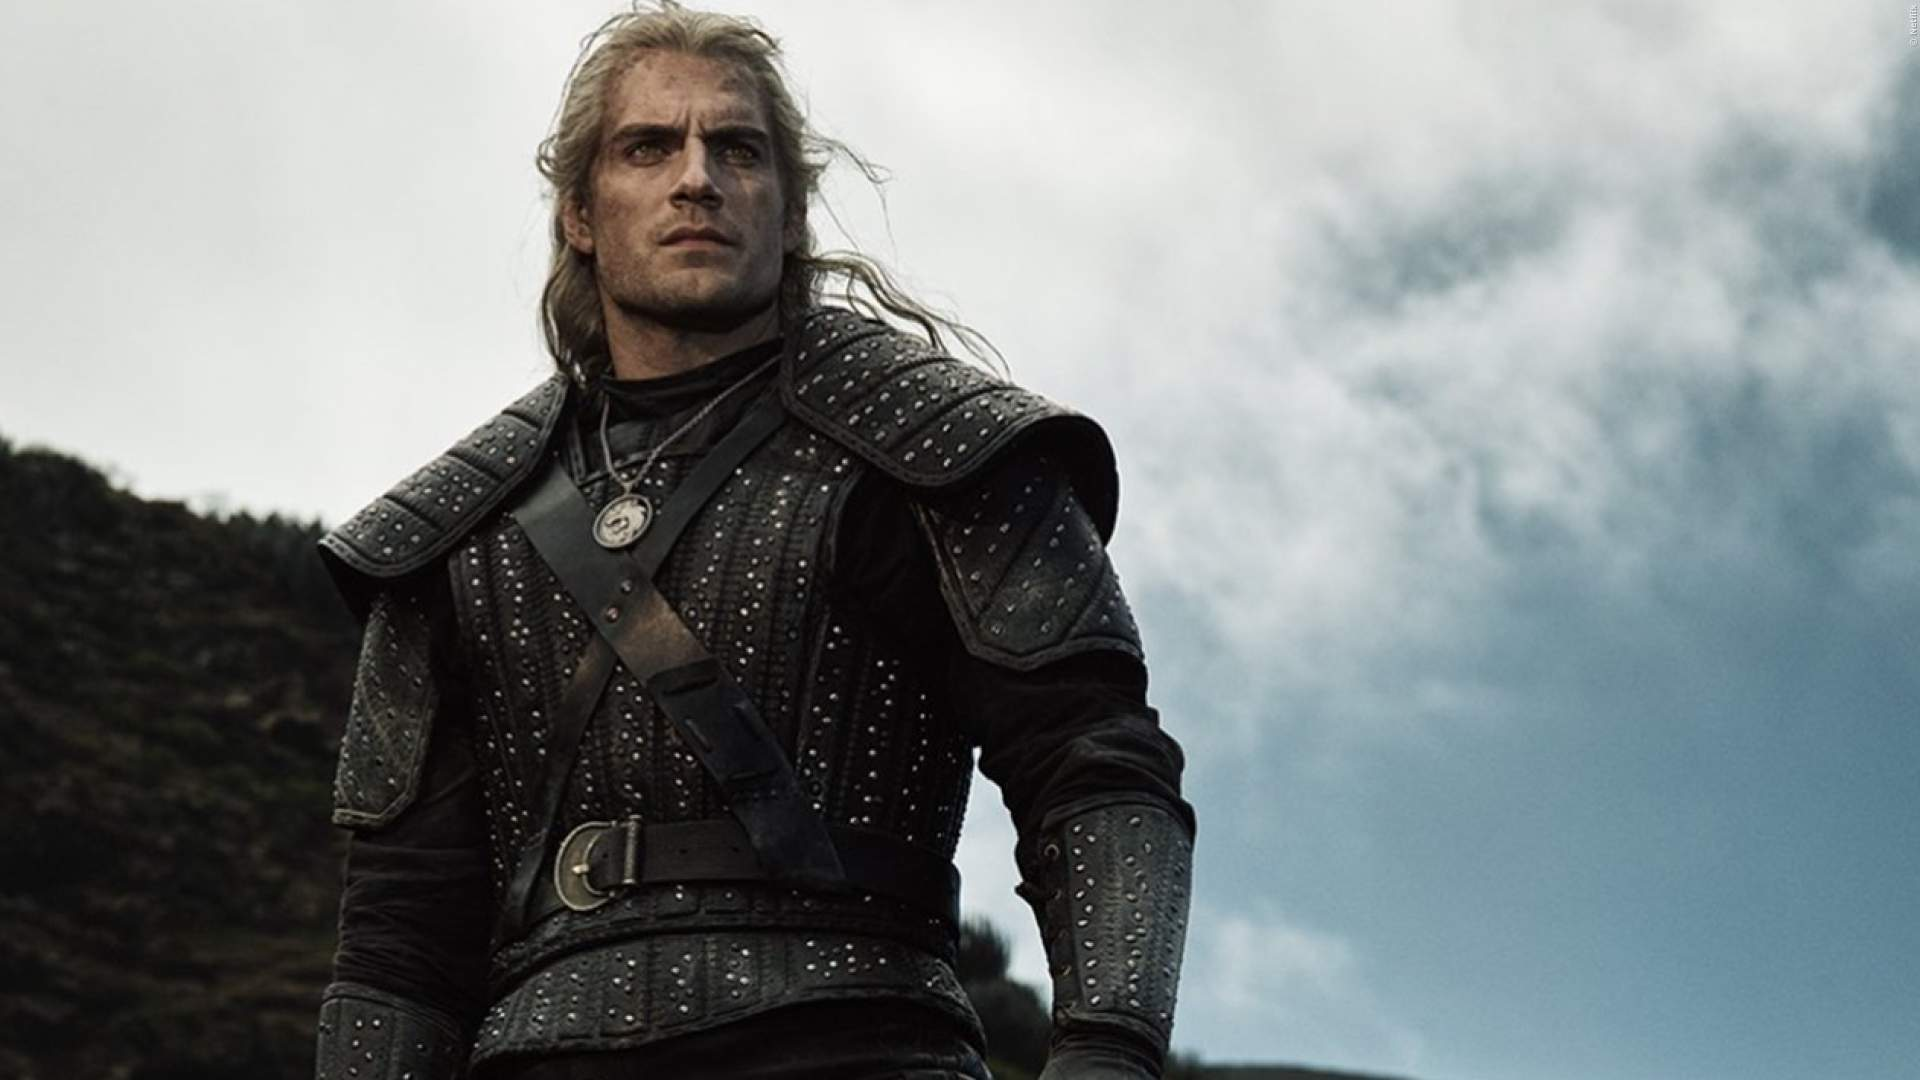 SPIONIERT: 'The Witcher'-Macher lesen im Netz mit - Fans beeinflussen Netflix-Serie